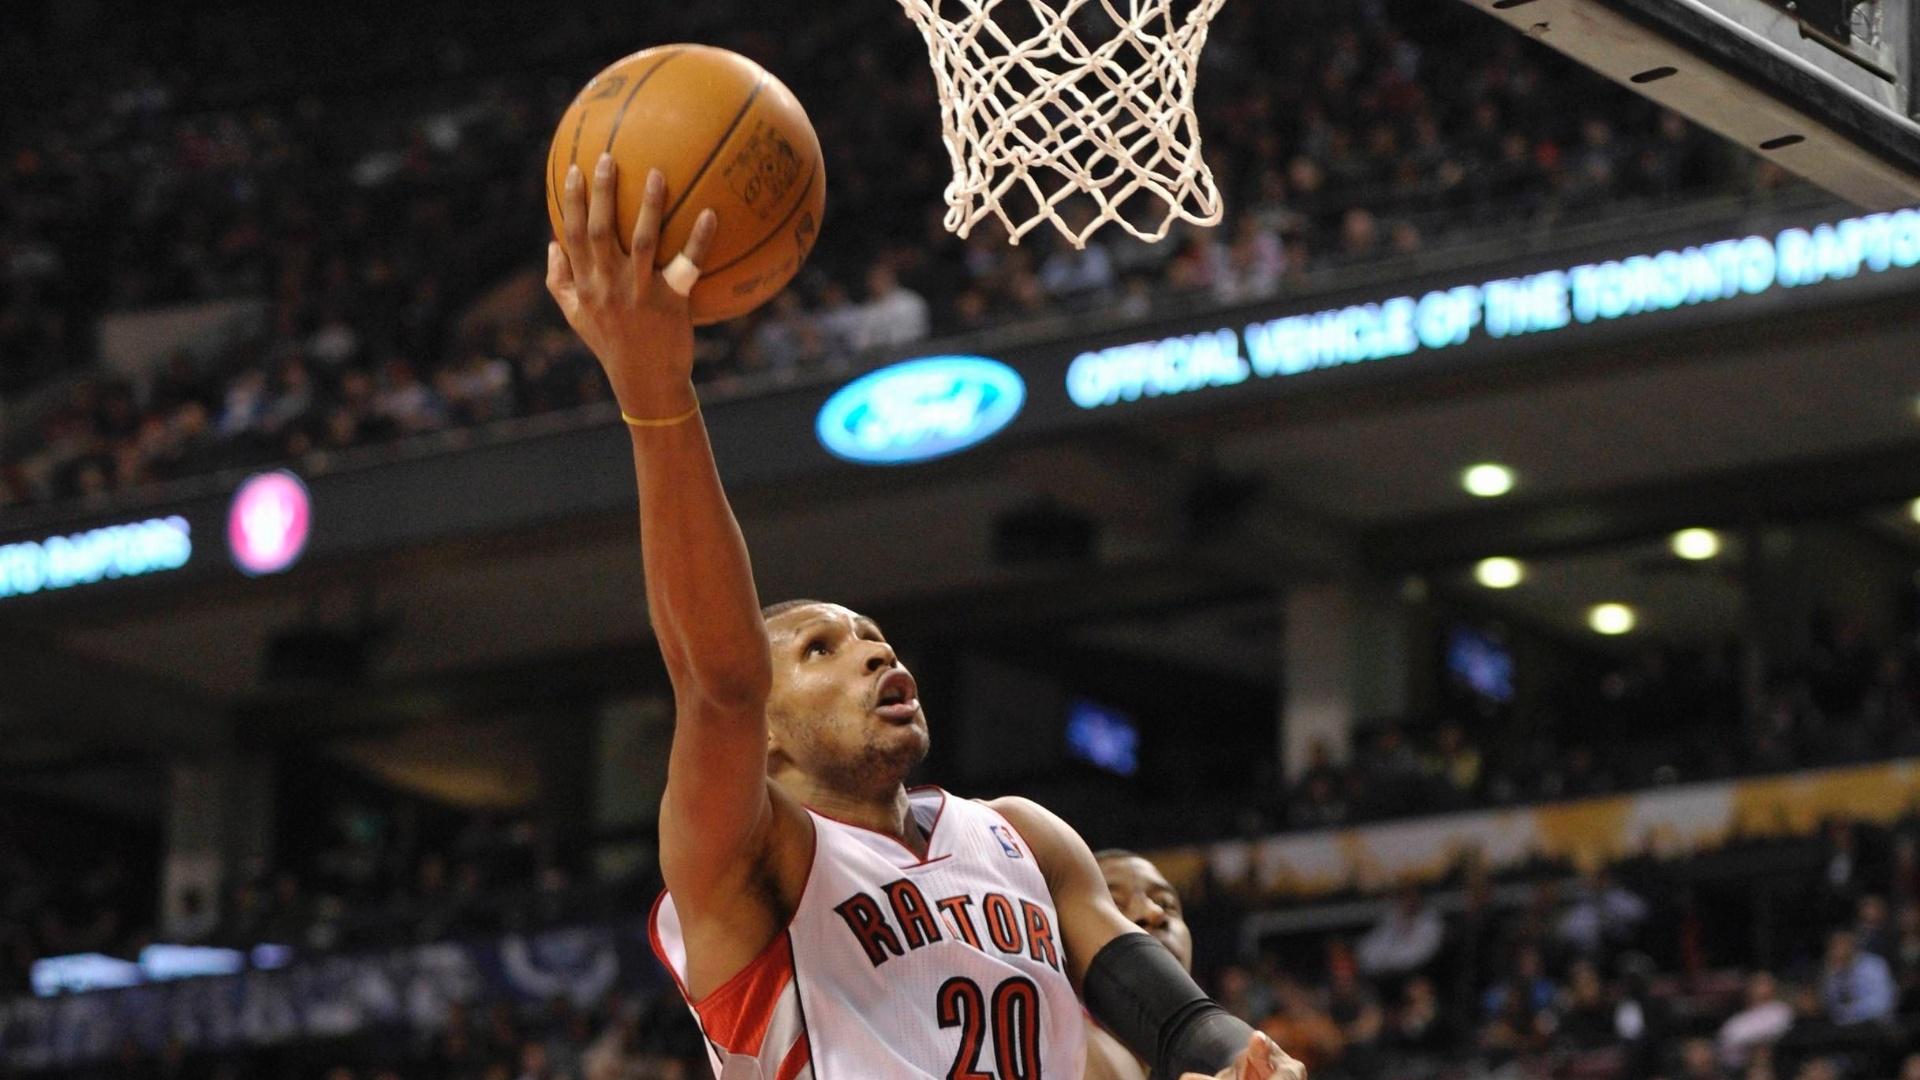 Com 19 pontos, Leandrinho foi o cestinha da vitória do Toronto Raptors contra o Washington Wizards